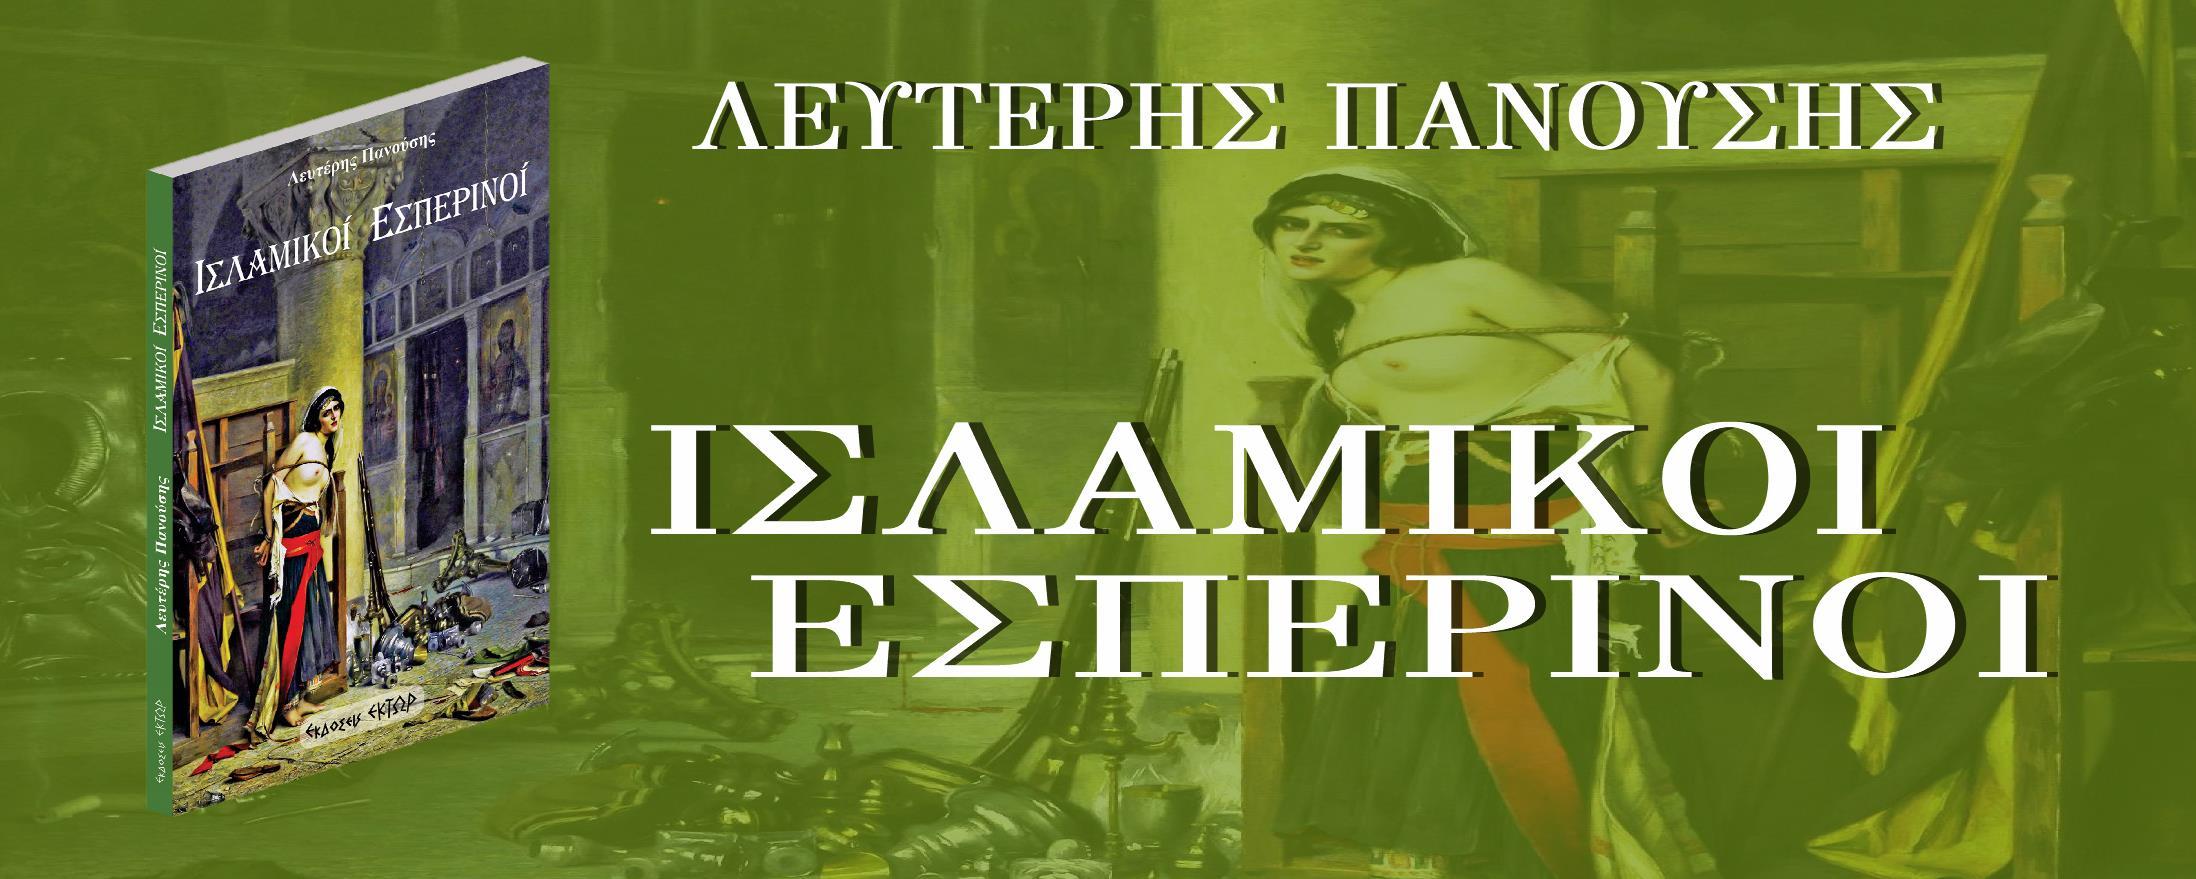 Ισλαμικοί Εσπερινοί, το νέο βιβλίο του Λευτέρη Πανούση